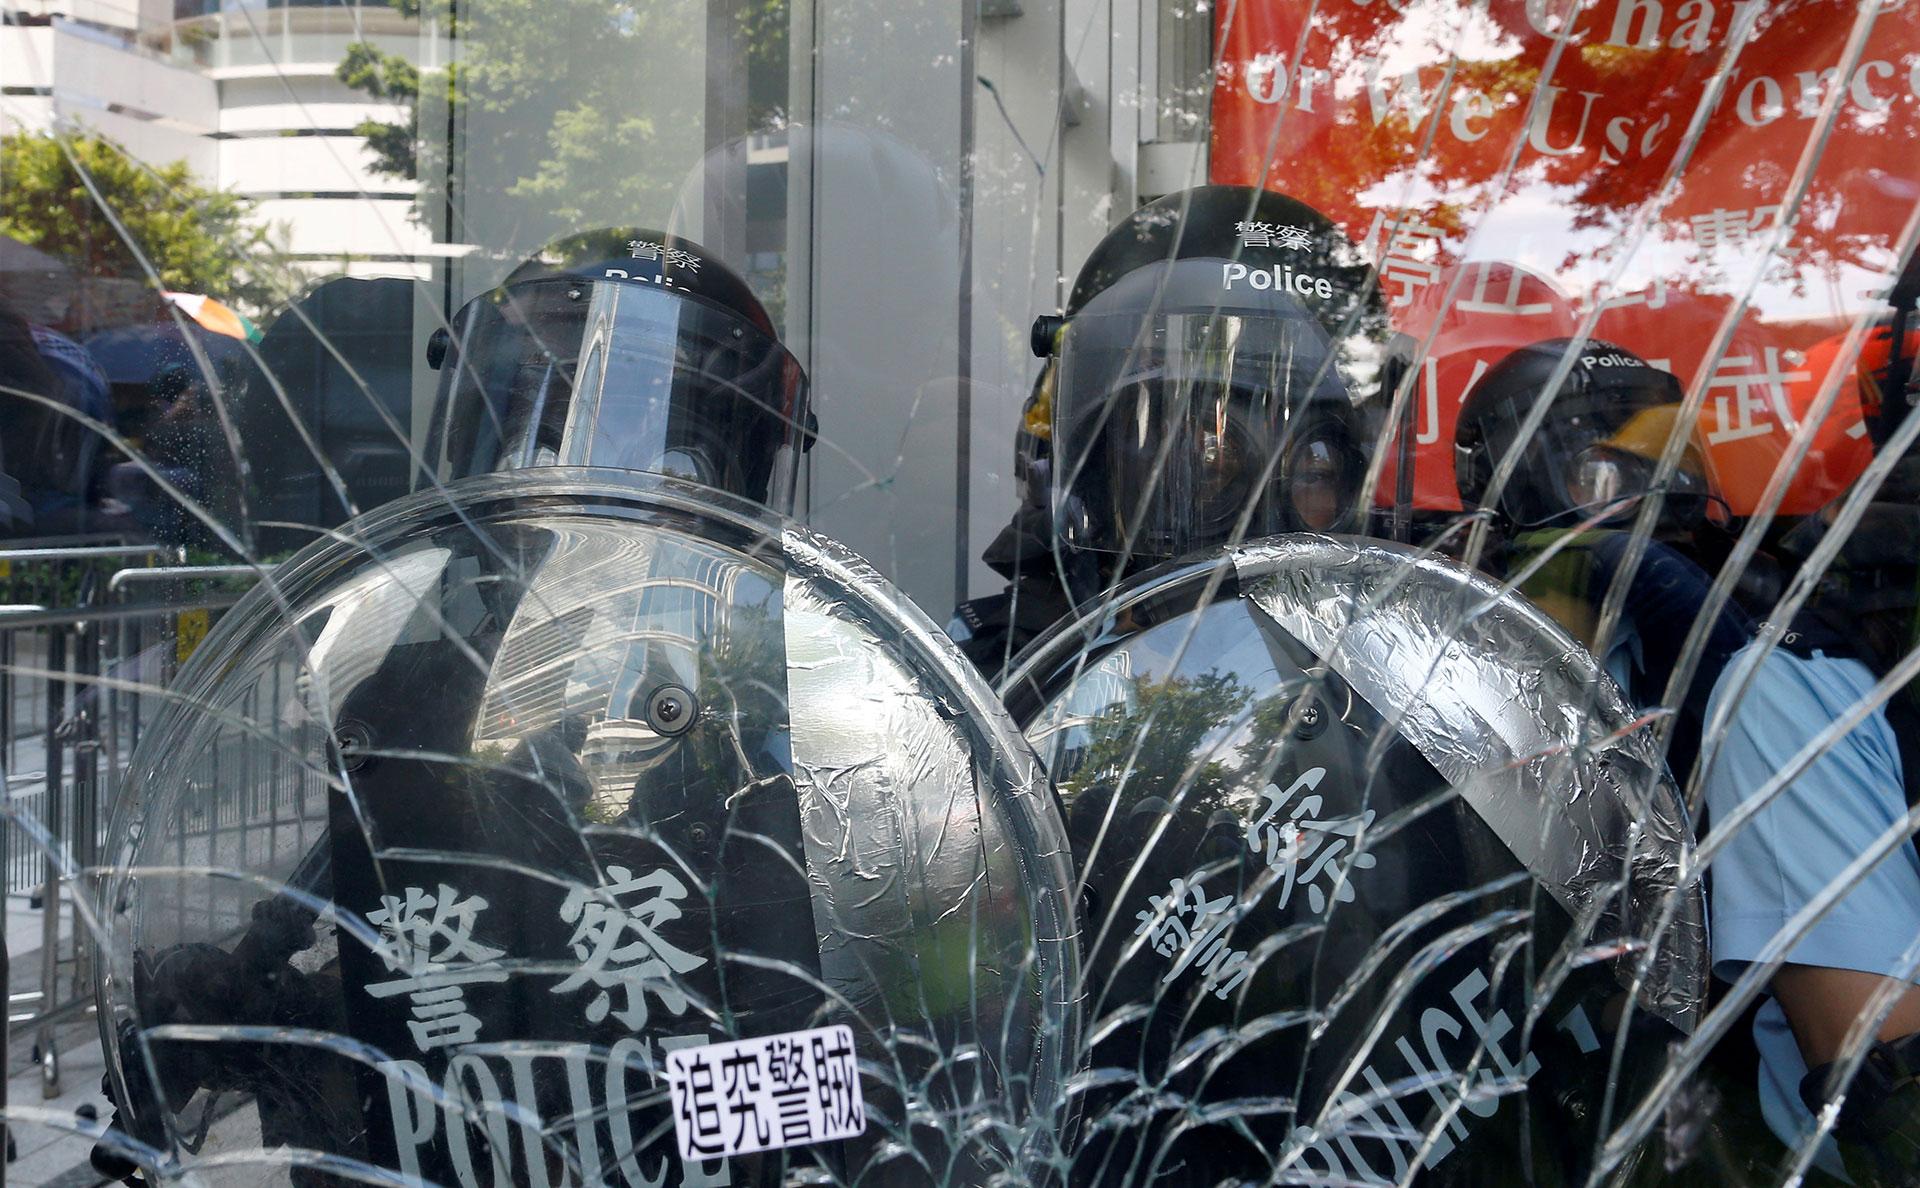 La policía estaba adentro del edifico. (Reuters)